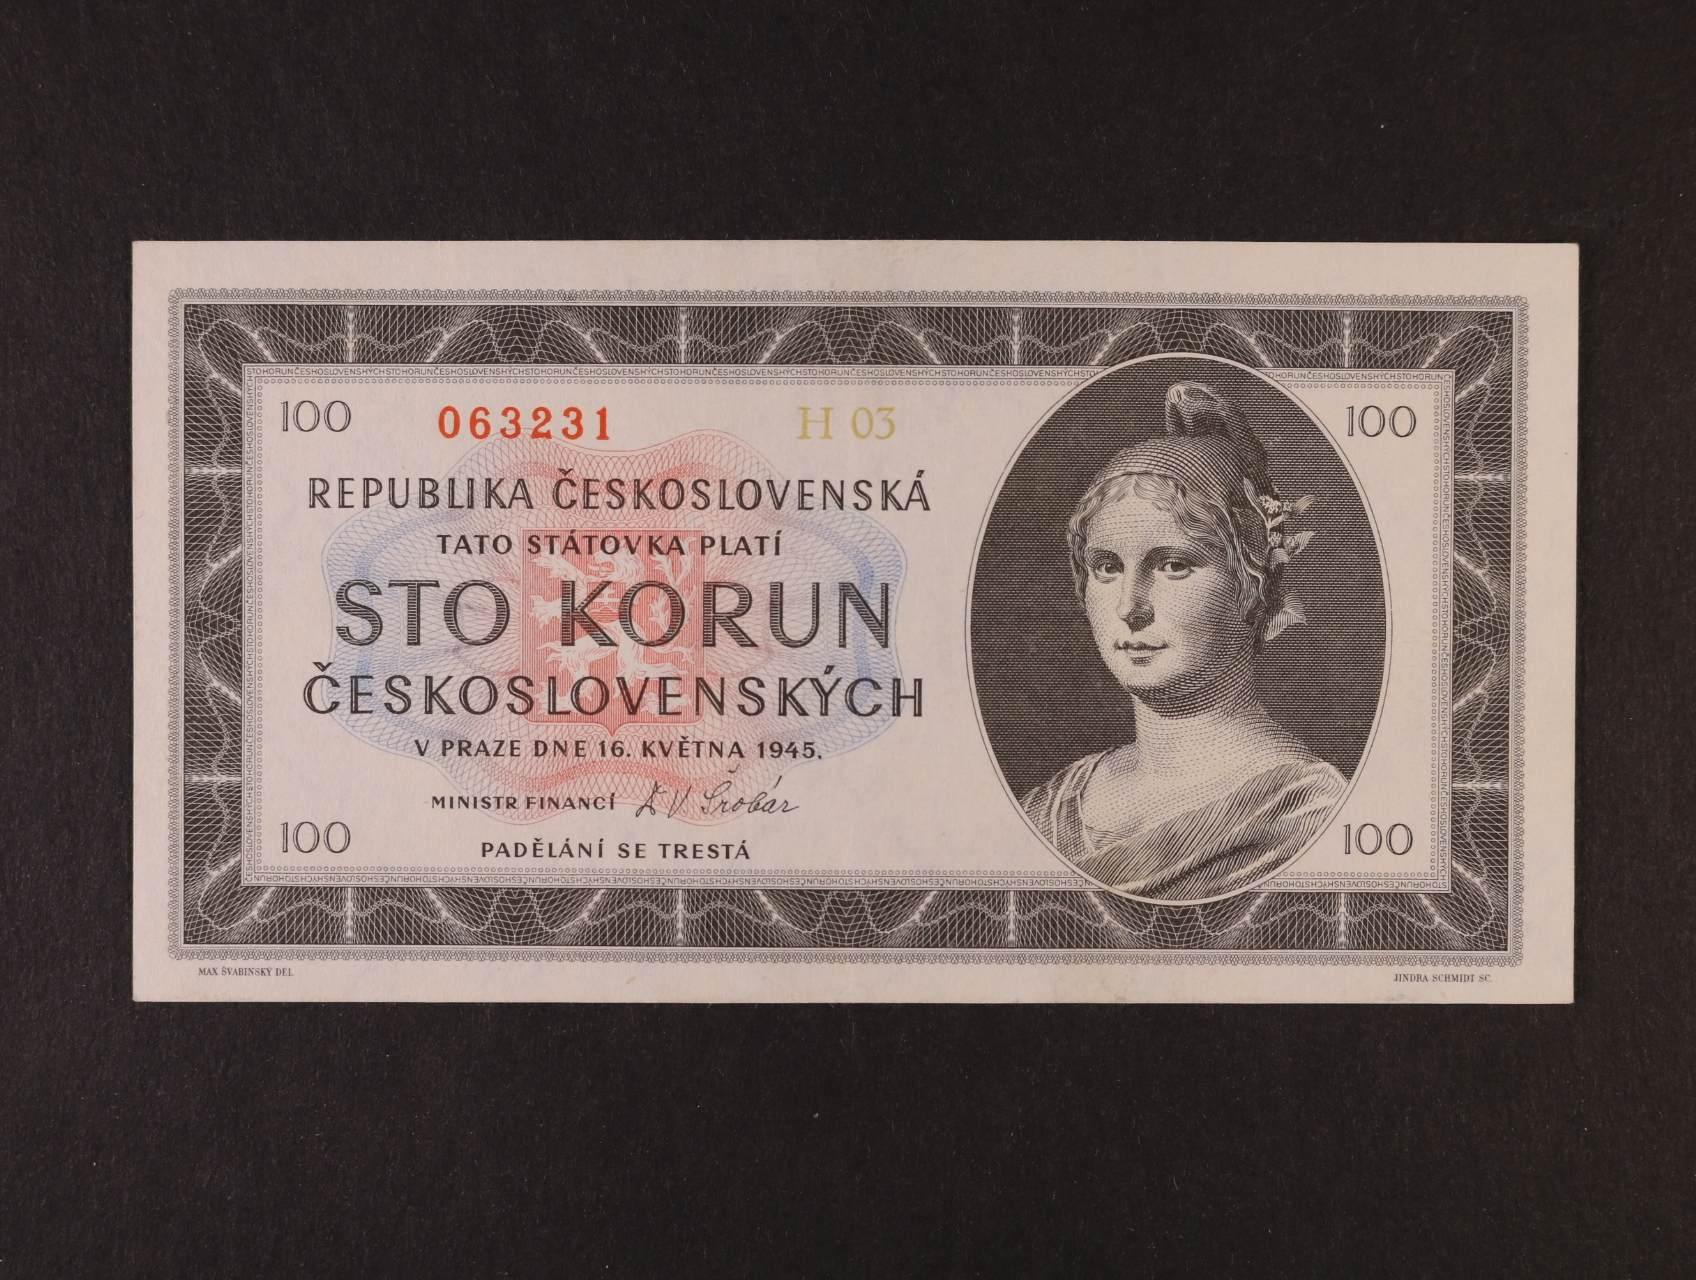 100 Kčs 16.5.1945 série H 03, Ba. 77a2, Pi. 67a